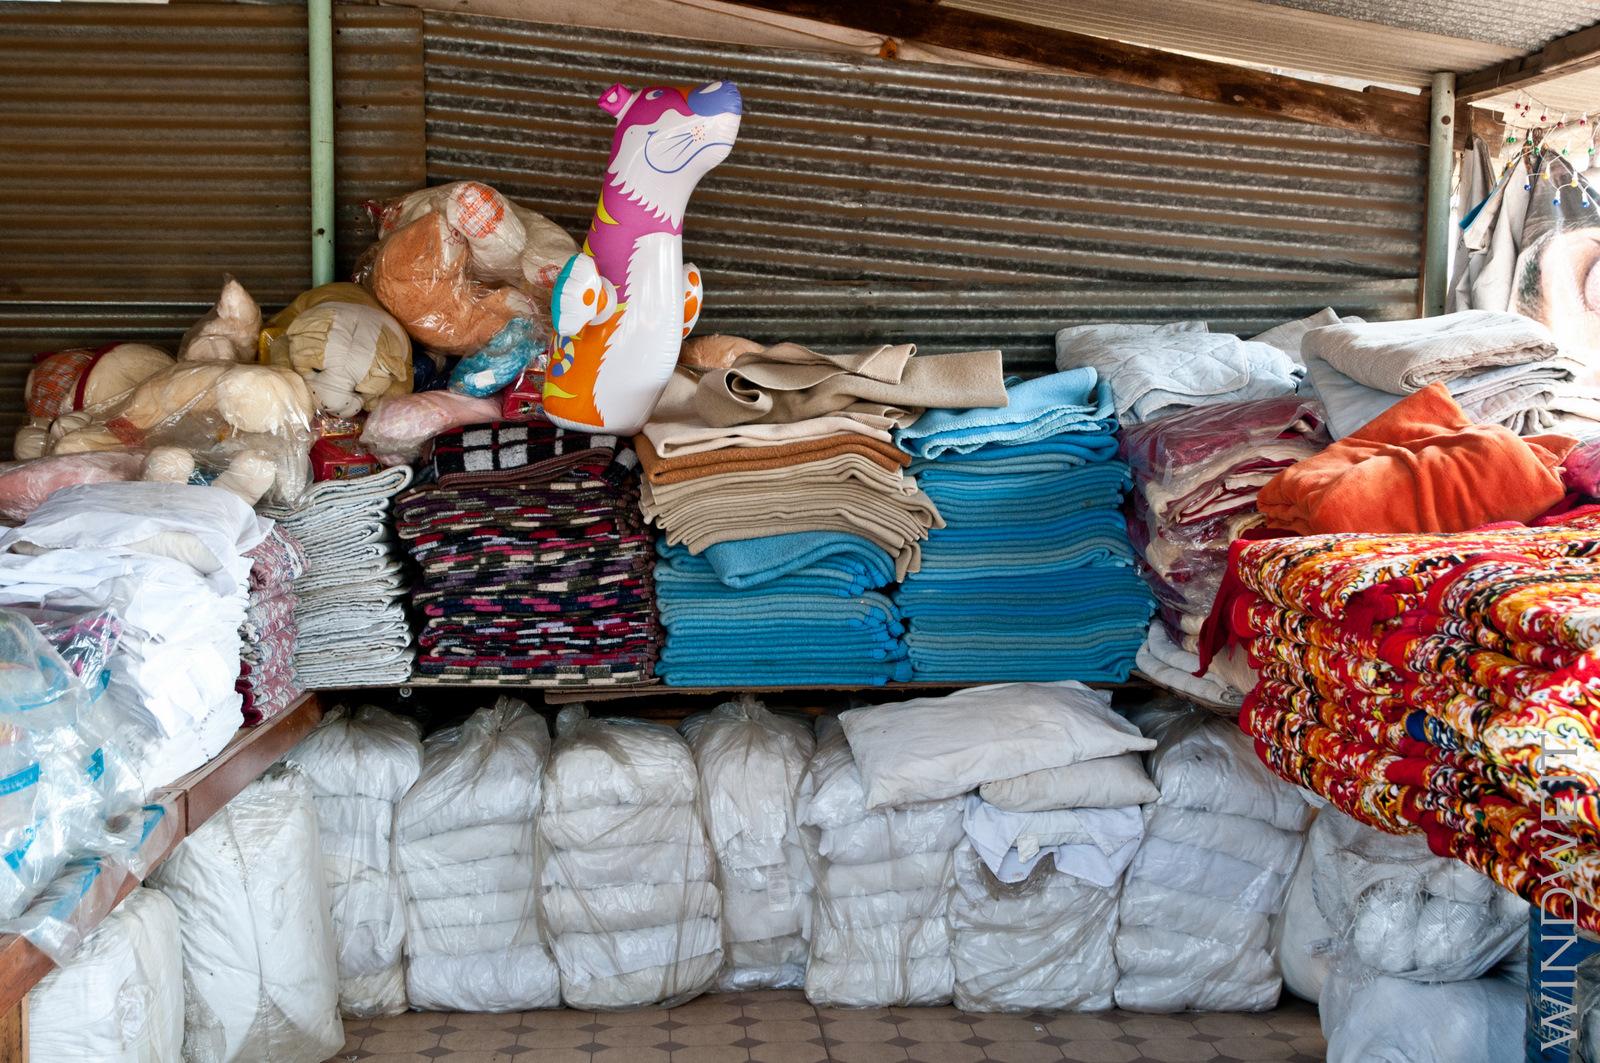 Bettdecken zu verkaufen und ein aufblasbares Kuscheltier